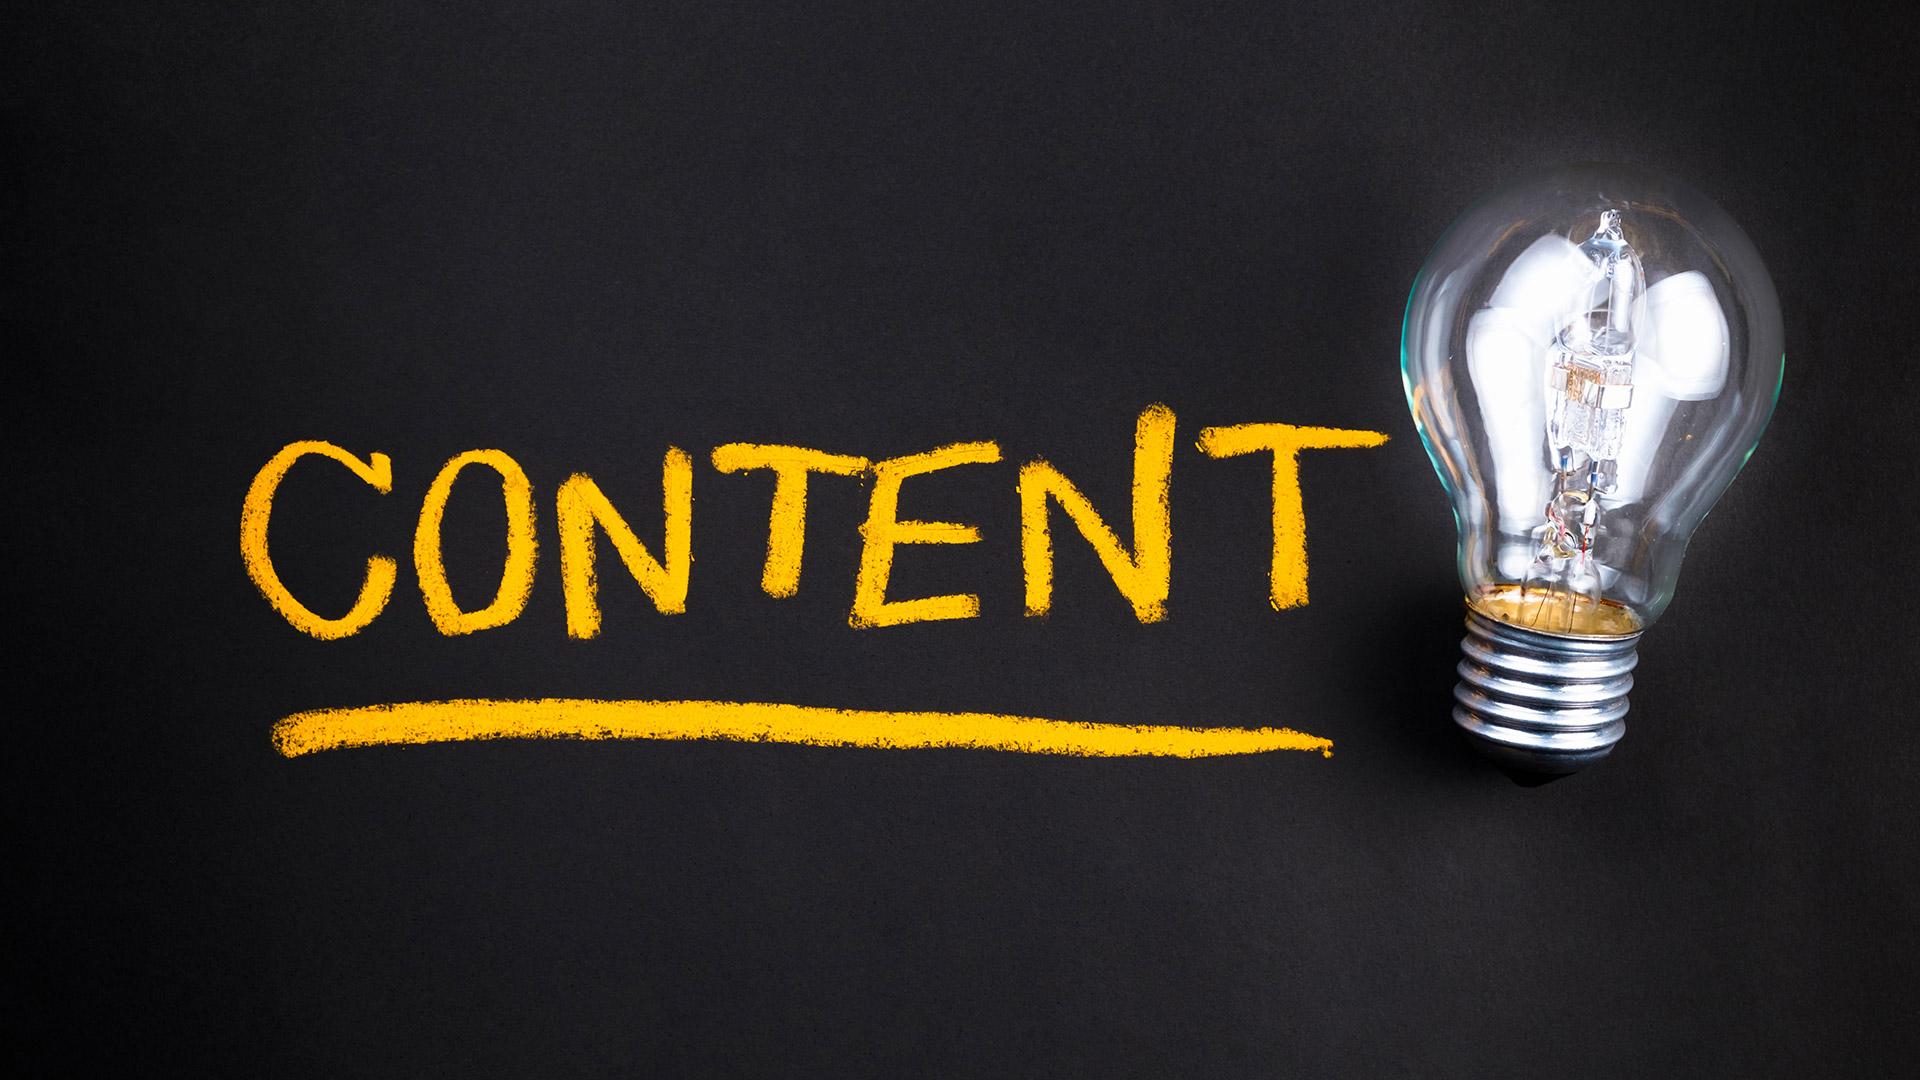 Thu hút khách hàng sau 5s nhờ content bất động sản hấp dẫn